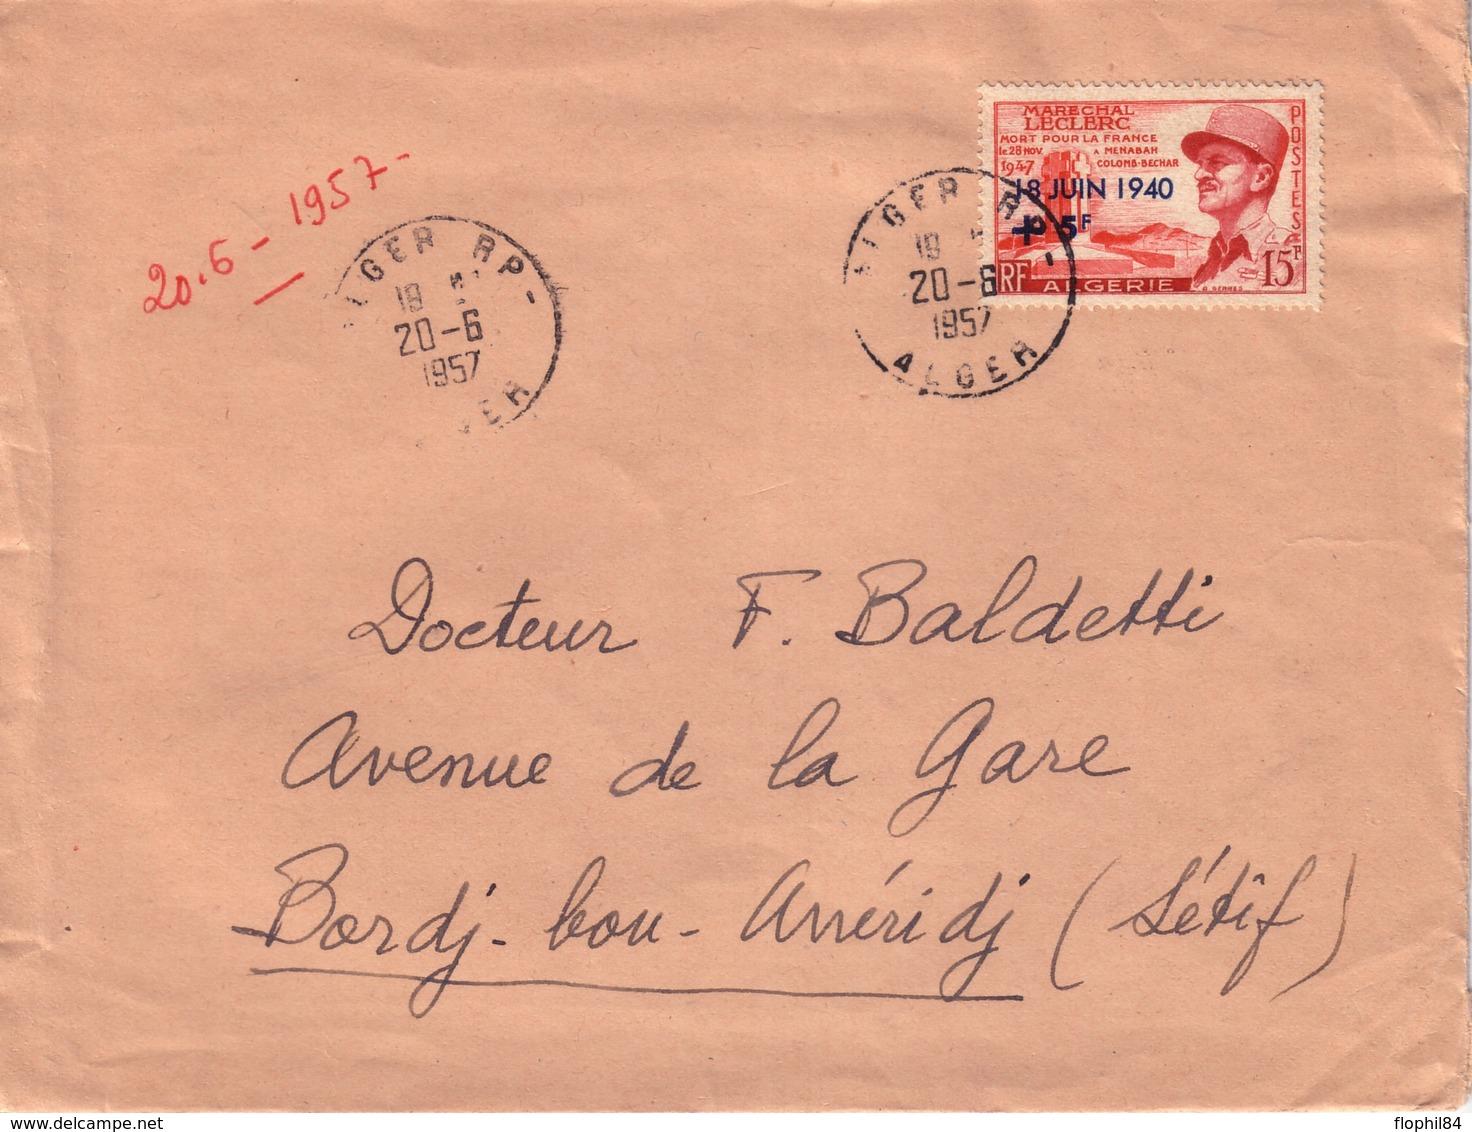 ALGERIE - ALGER RP - ALGER - 20-6-1957 - AFFRANCHISSEMENT MARECHAL LECLERC SEUL POUR SETIF - Covers & Documents